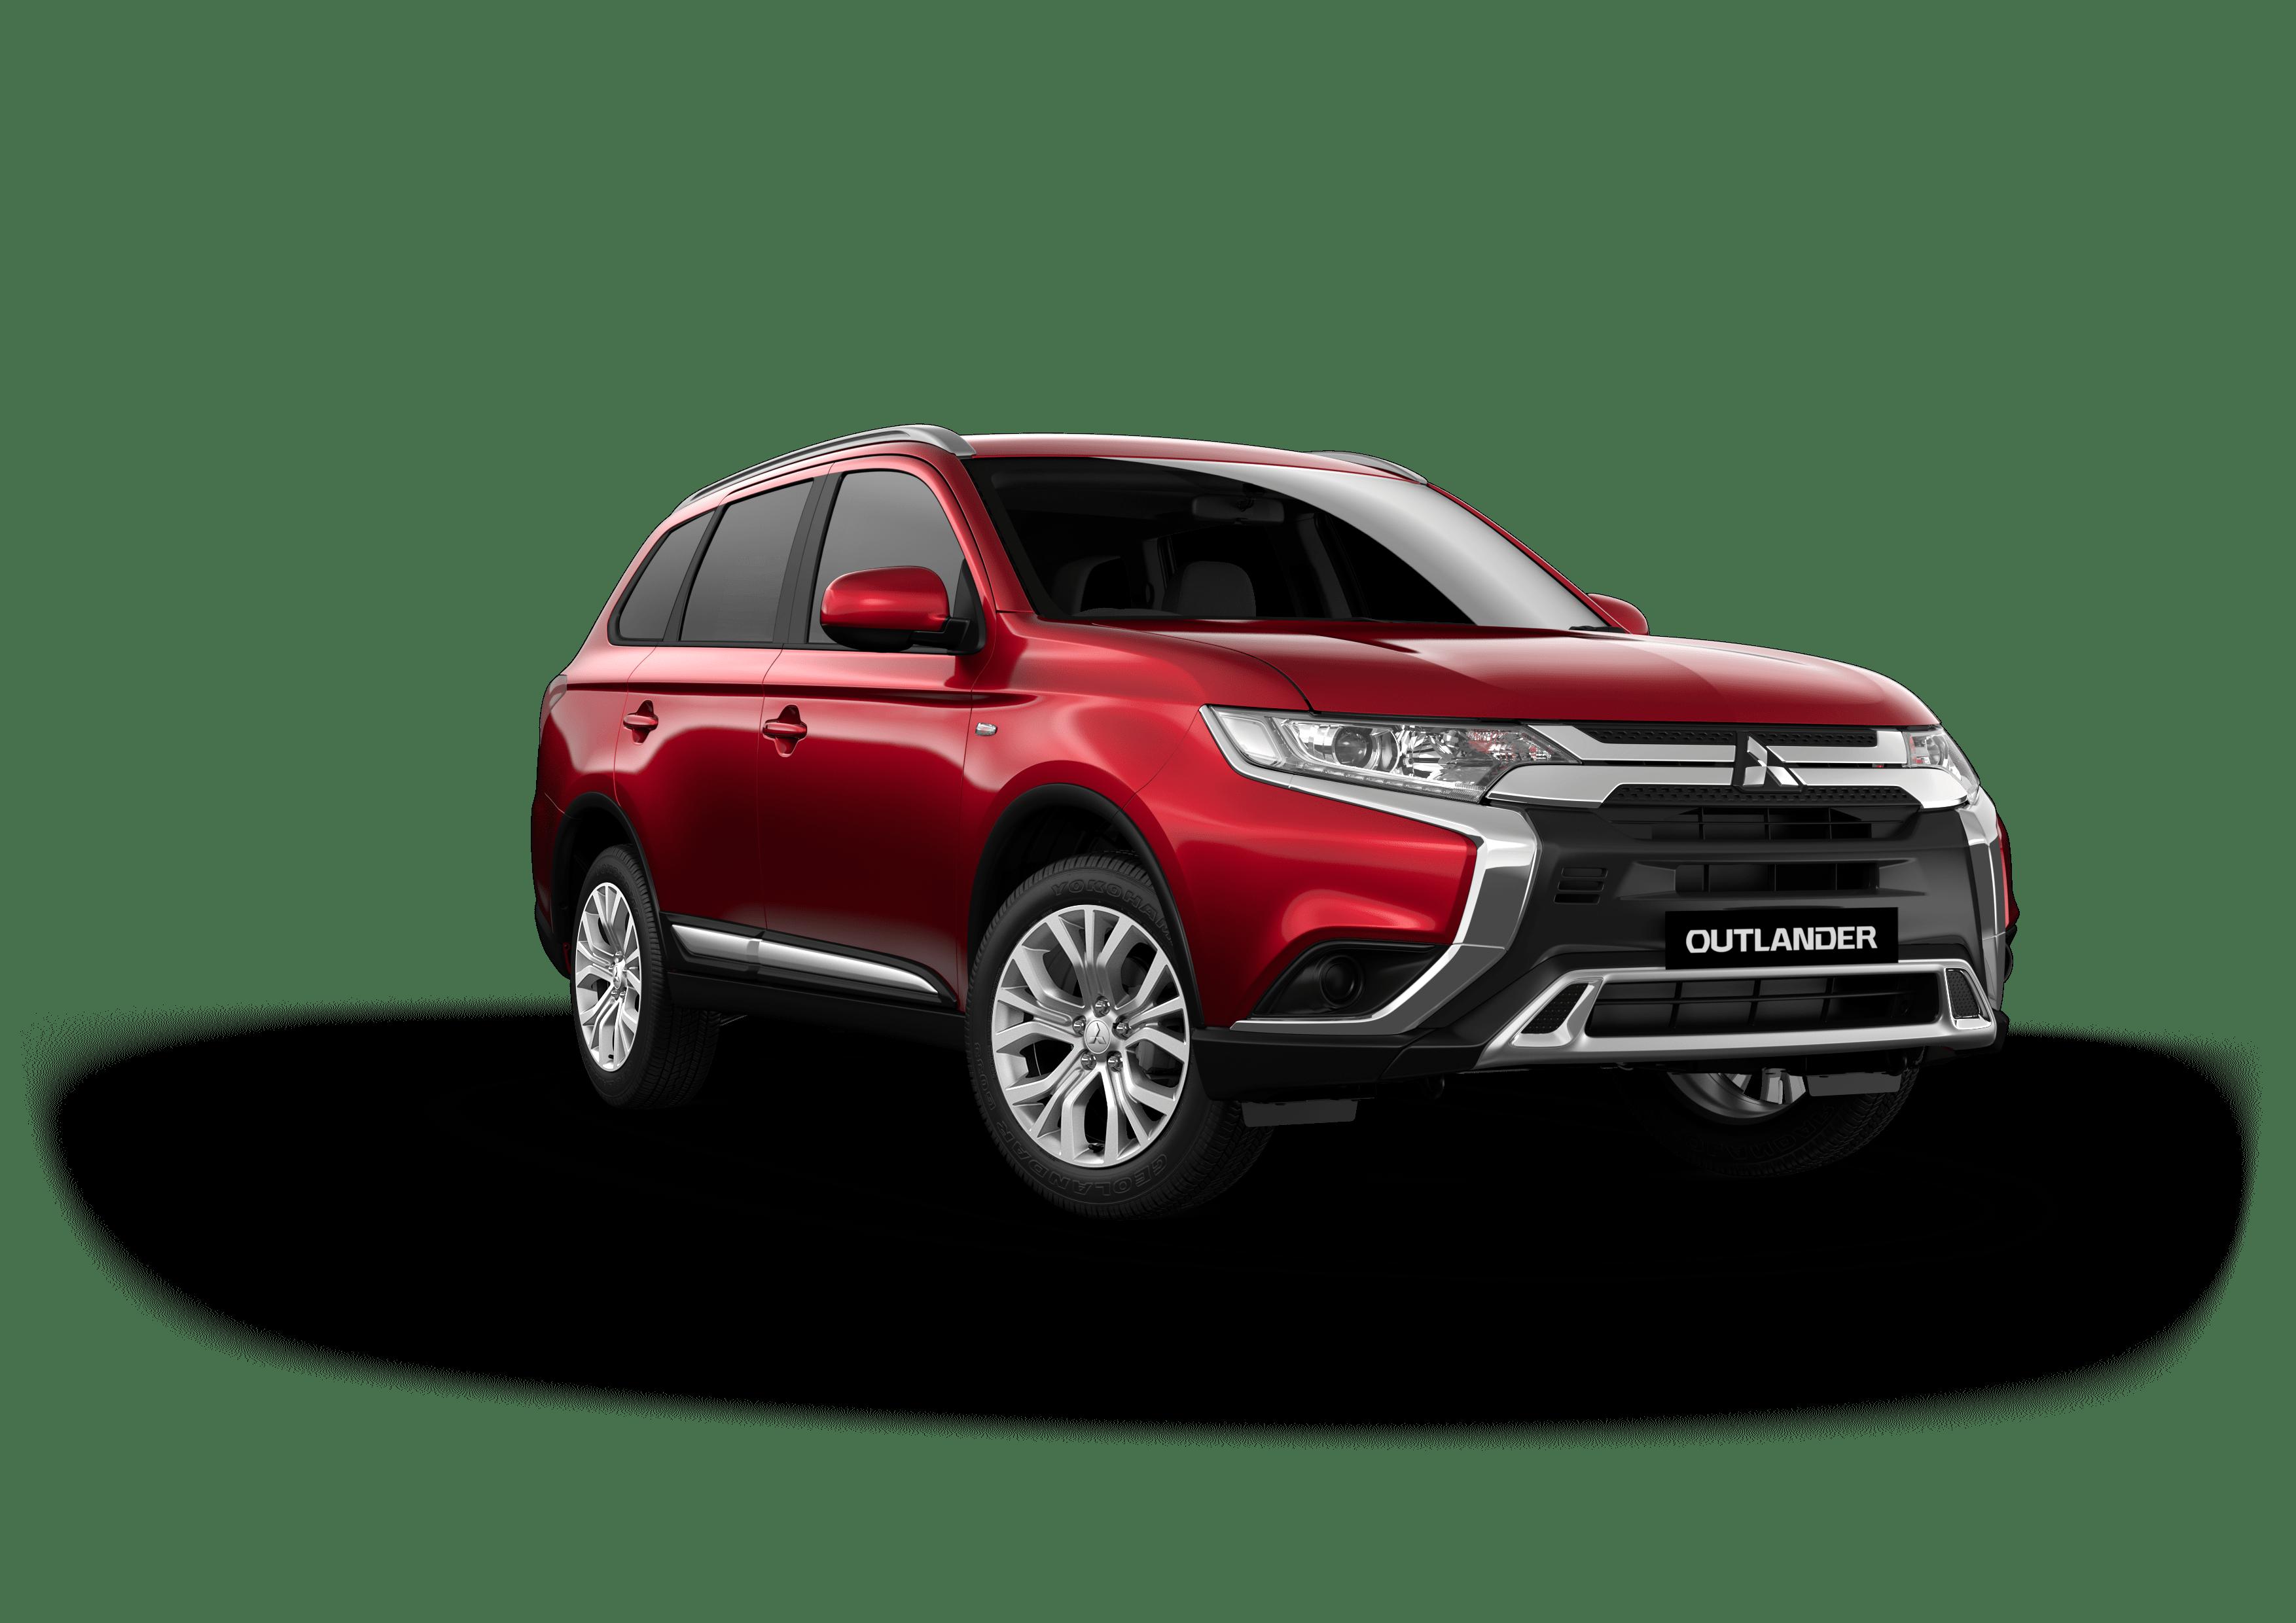 2019 Mitsubishi OUTLANDER 2020 Mitsubishi ZL  ES 2.4L PET CVT 2WD 7S